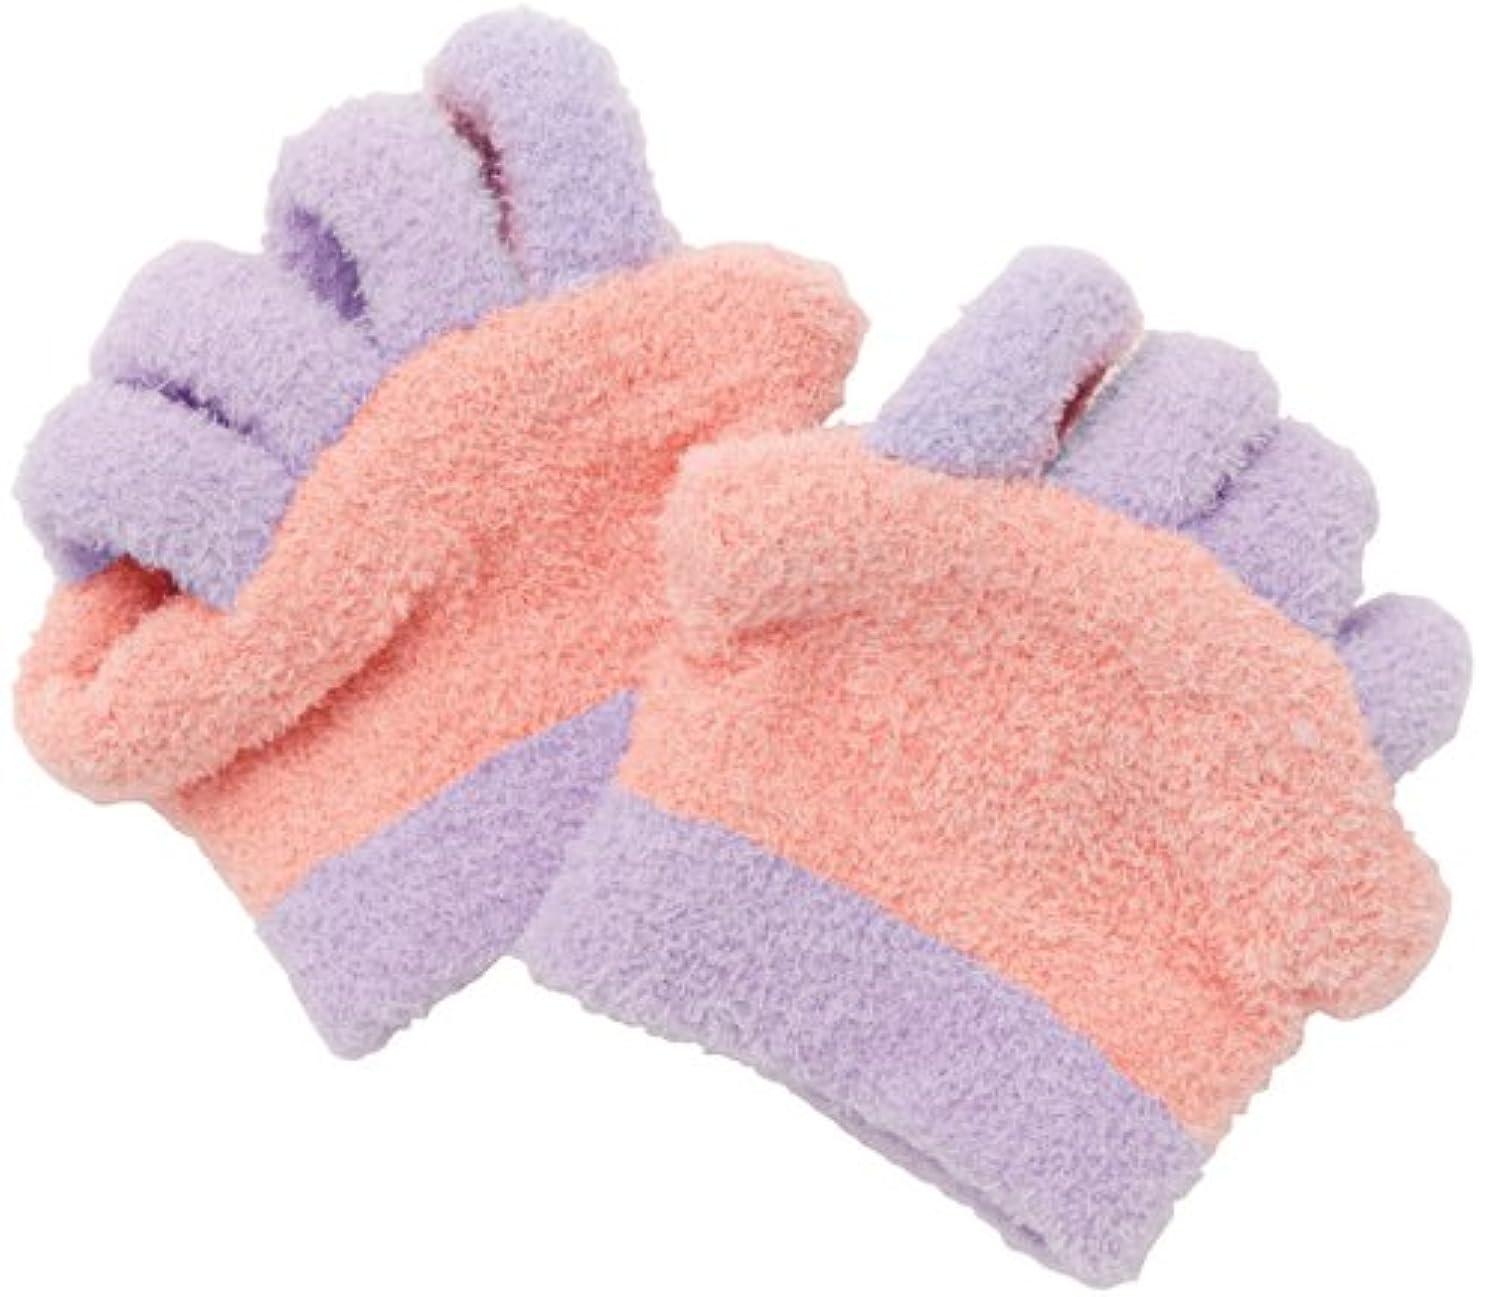 クリーク戸棚引く眠れる森の5本指ふわもこソックス 足指タイプ ピンク 0